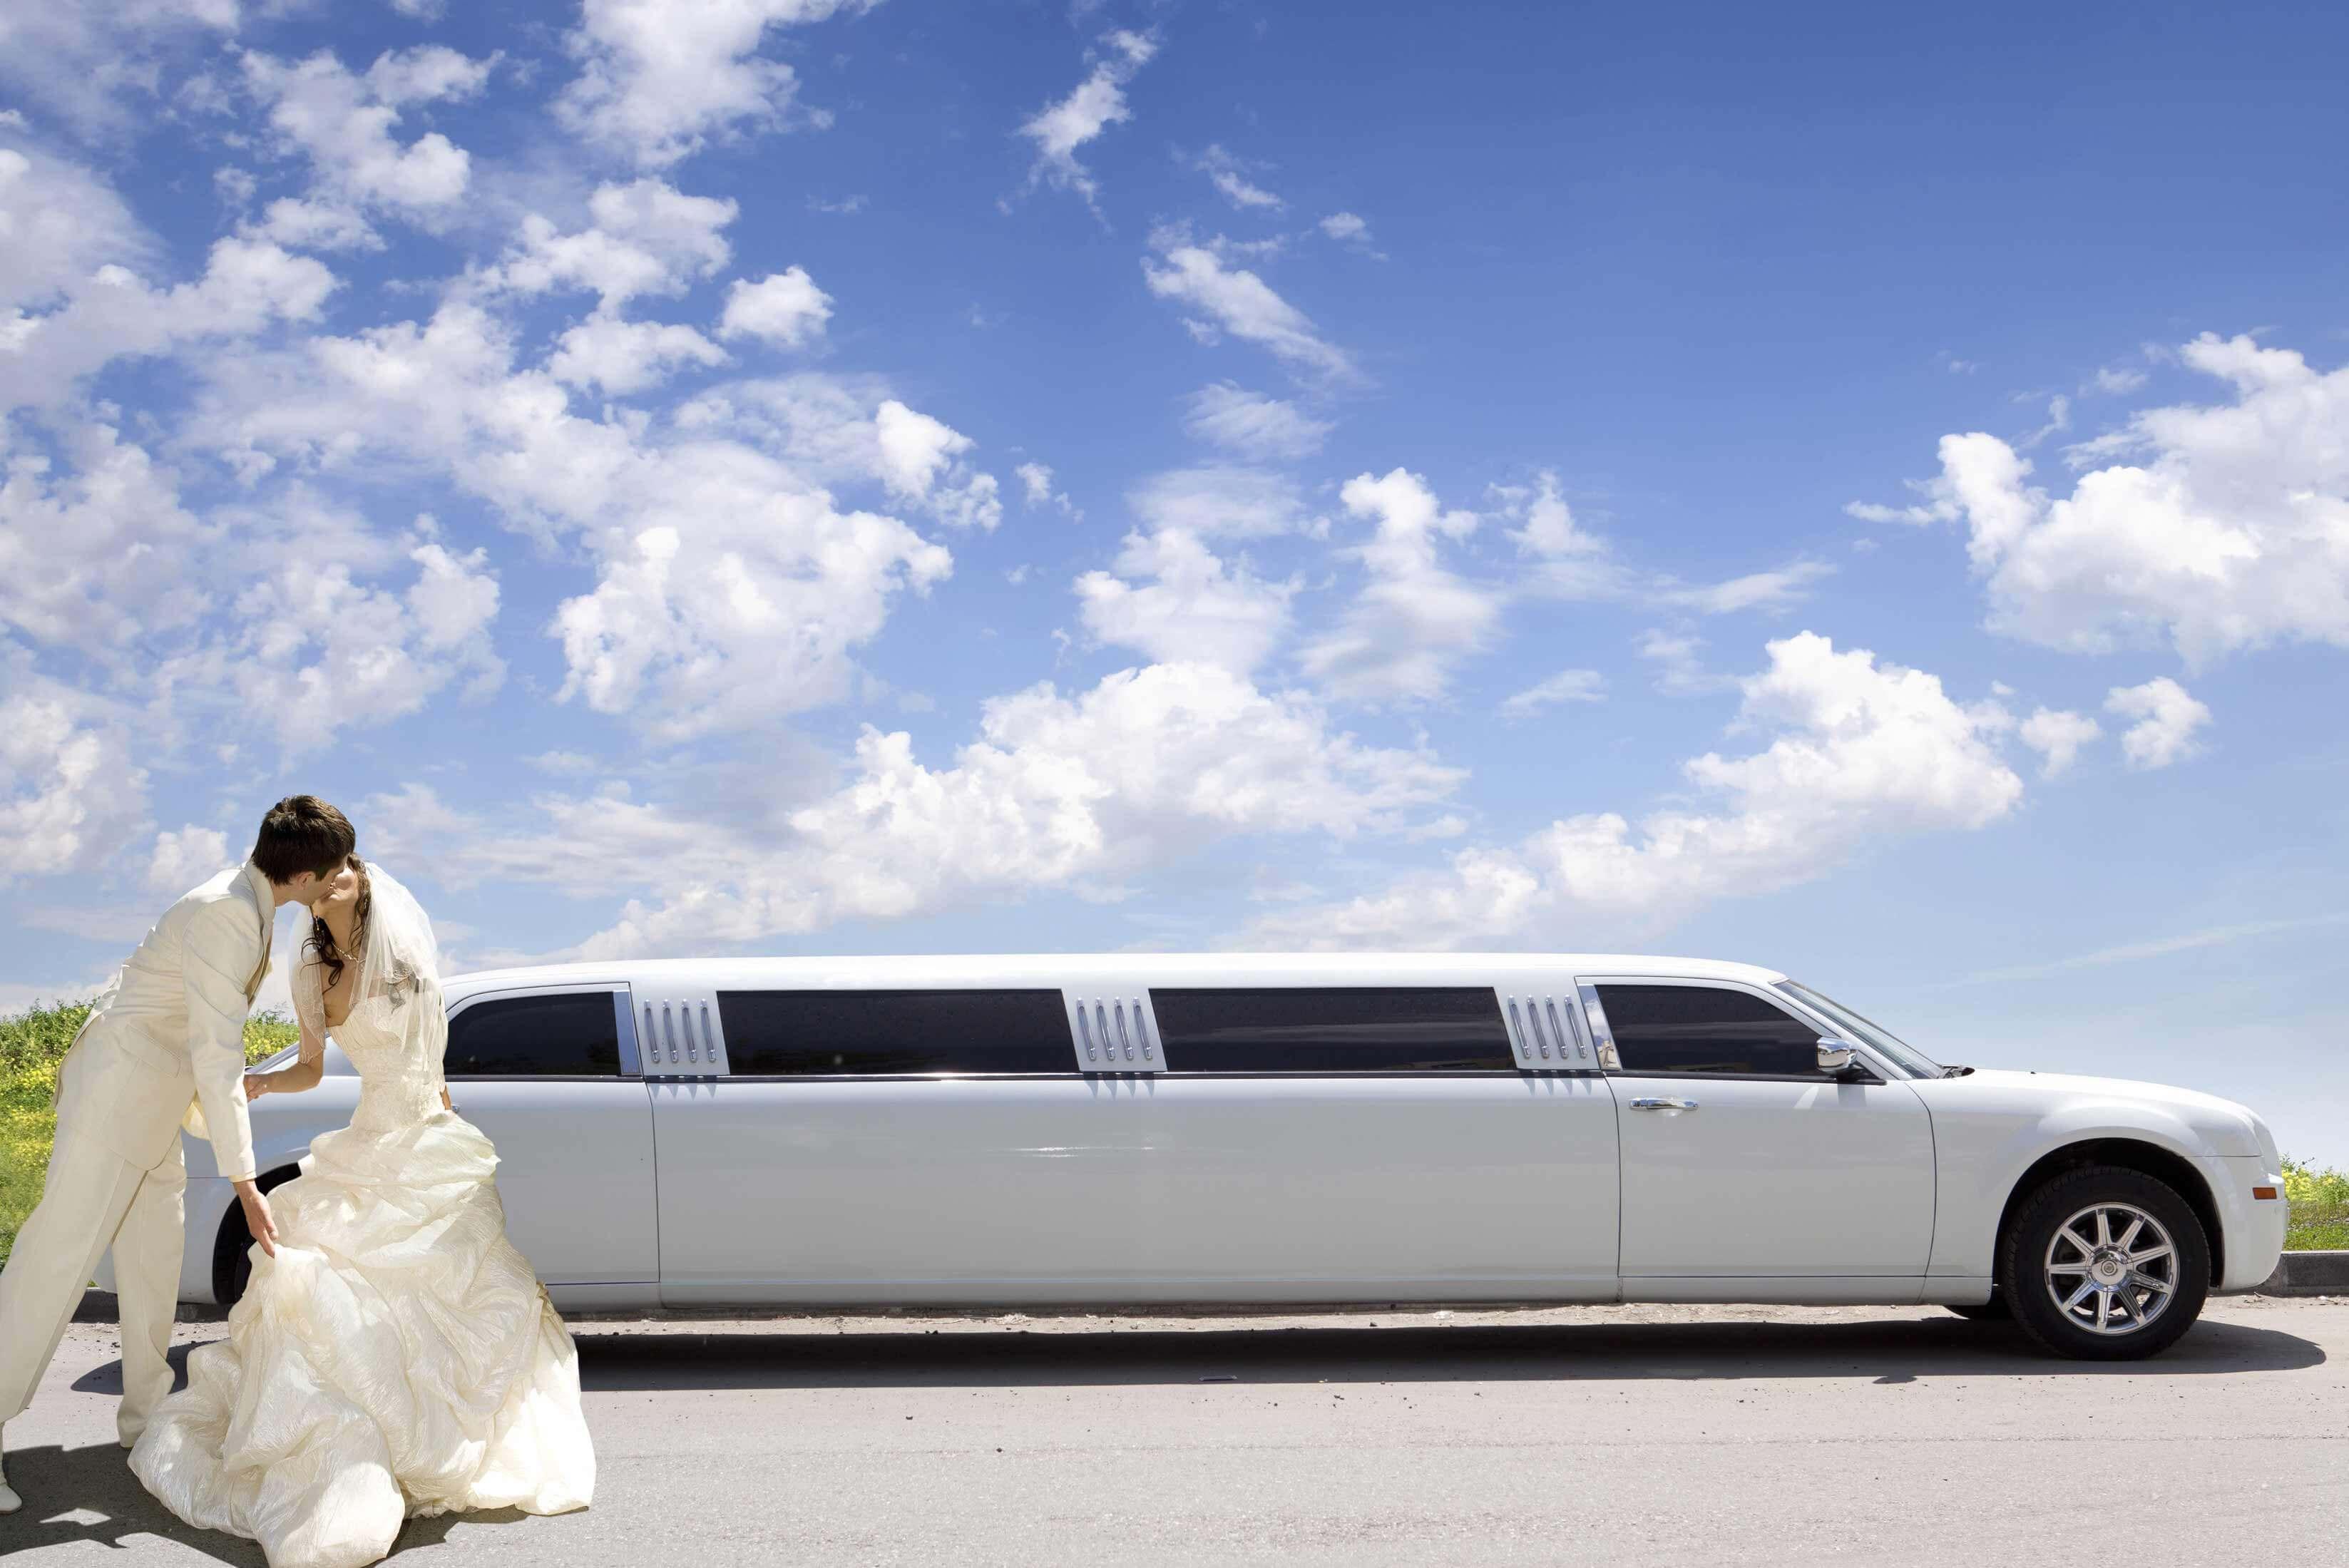 Hochzeitsautos - Stretchlimousine